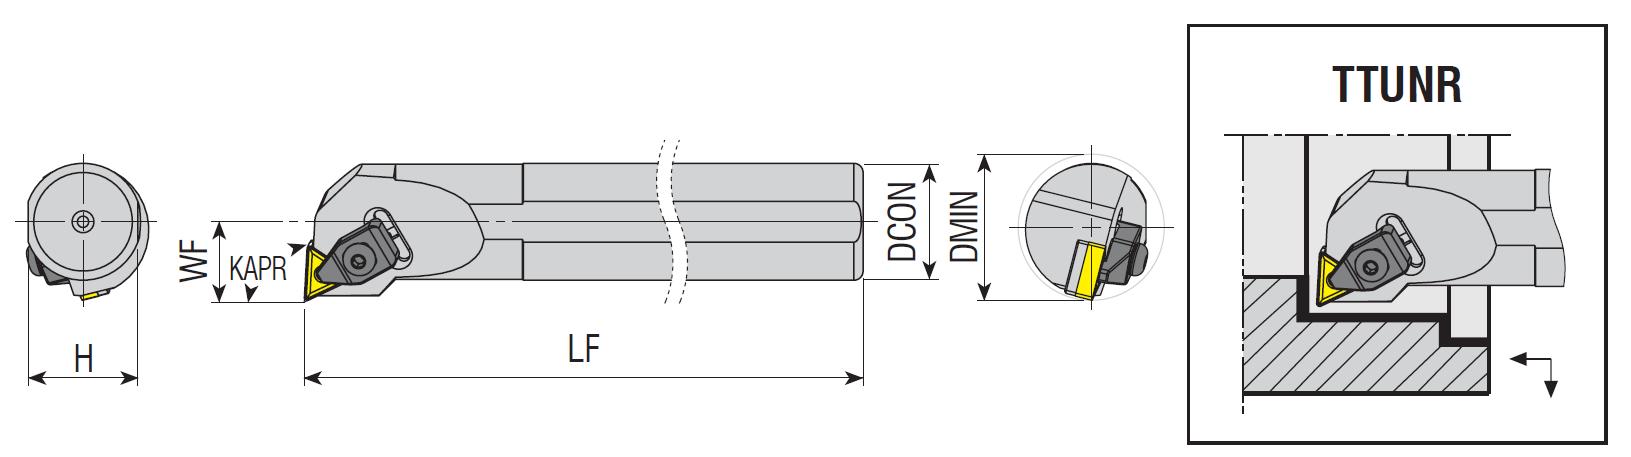 Bohrstangen TTUNR / TTUNL